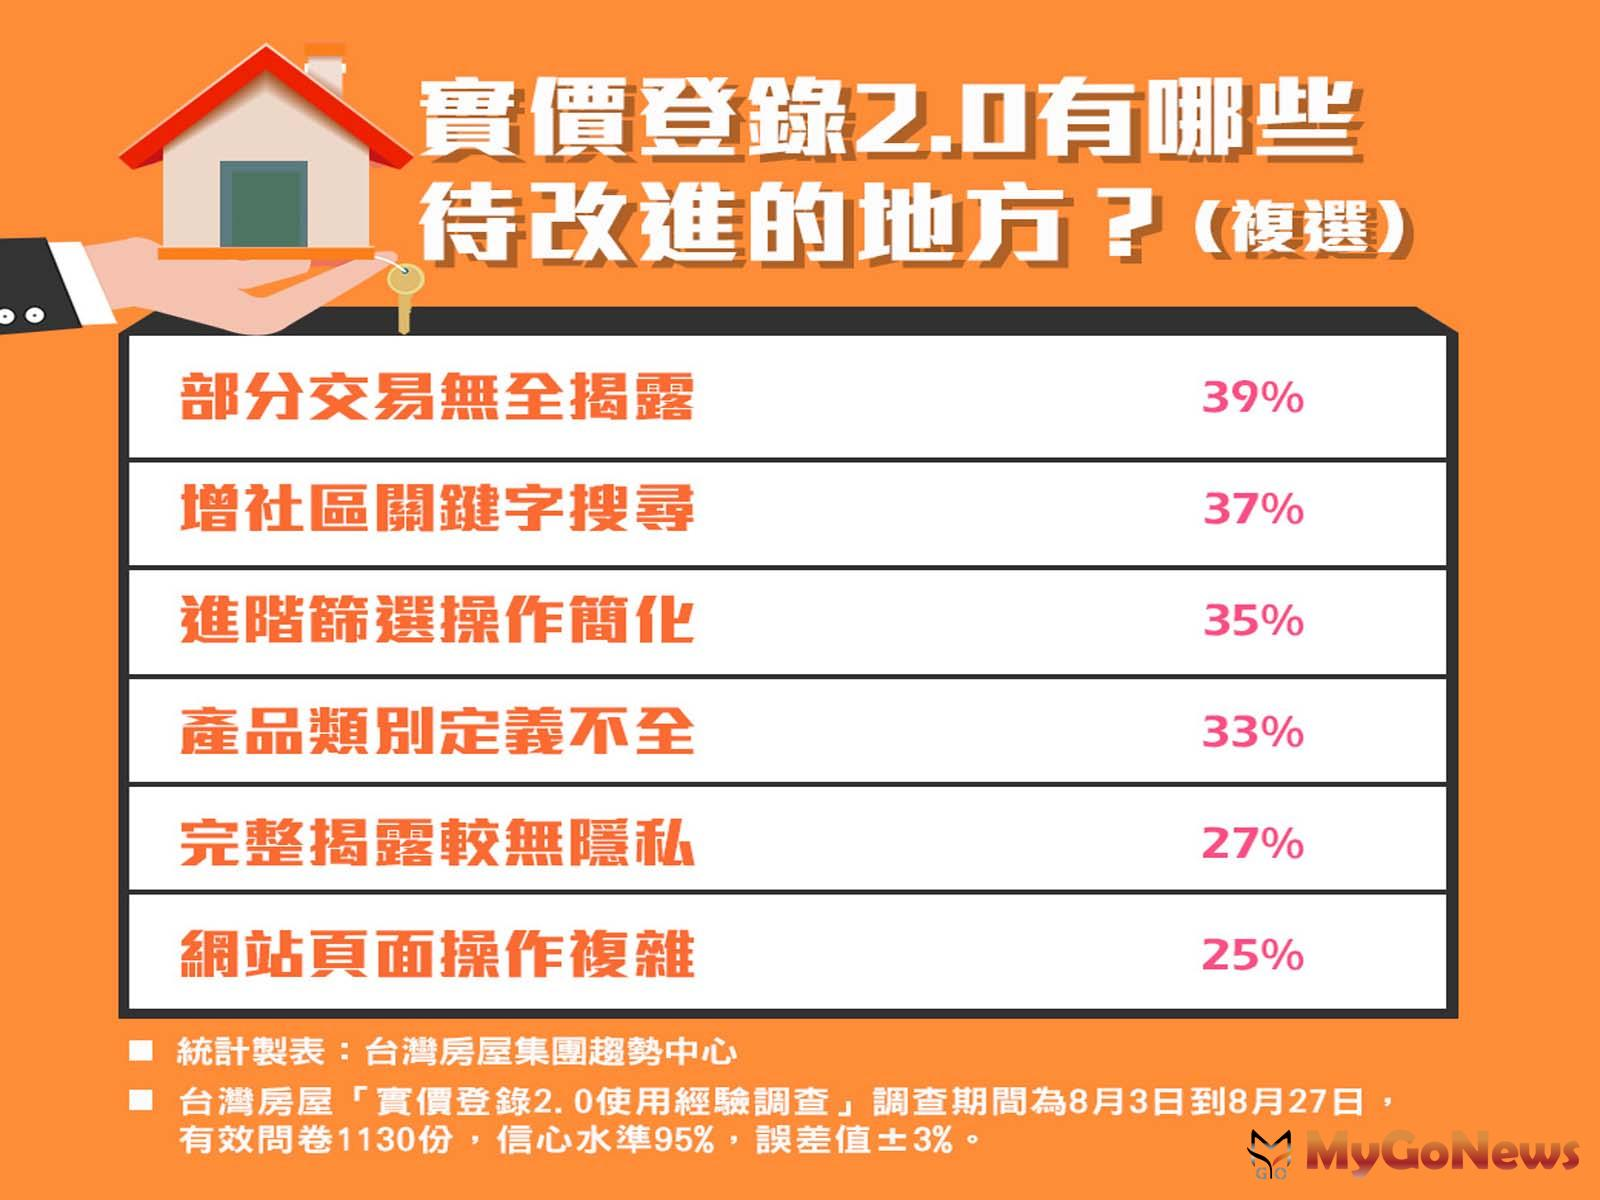 台灣房屋「實價登錄2.0使用經驗調查」調查期間為8月3日到8月27日,有效問卷1130份,信心水準95%,誤差值±3%。 MyGoNews房地產新聞 市場快訊